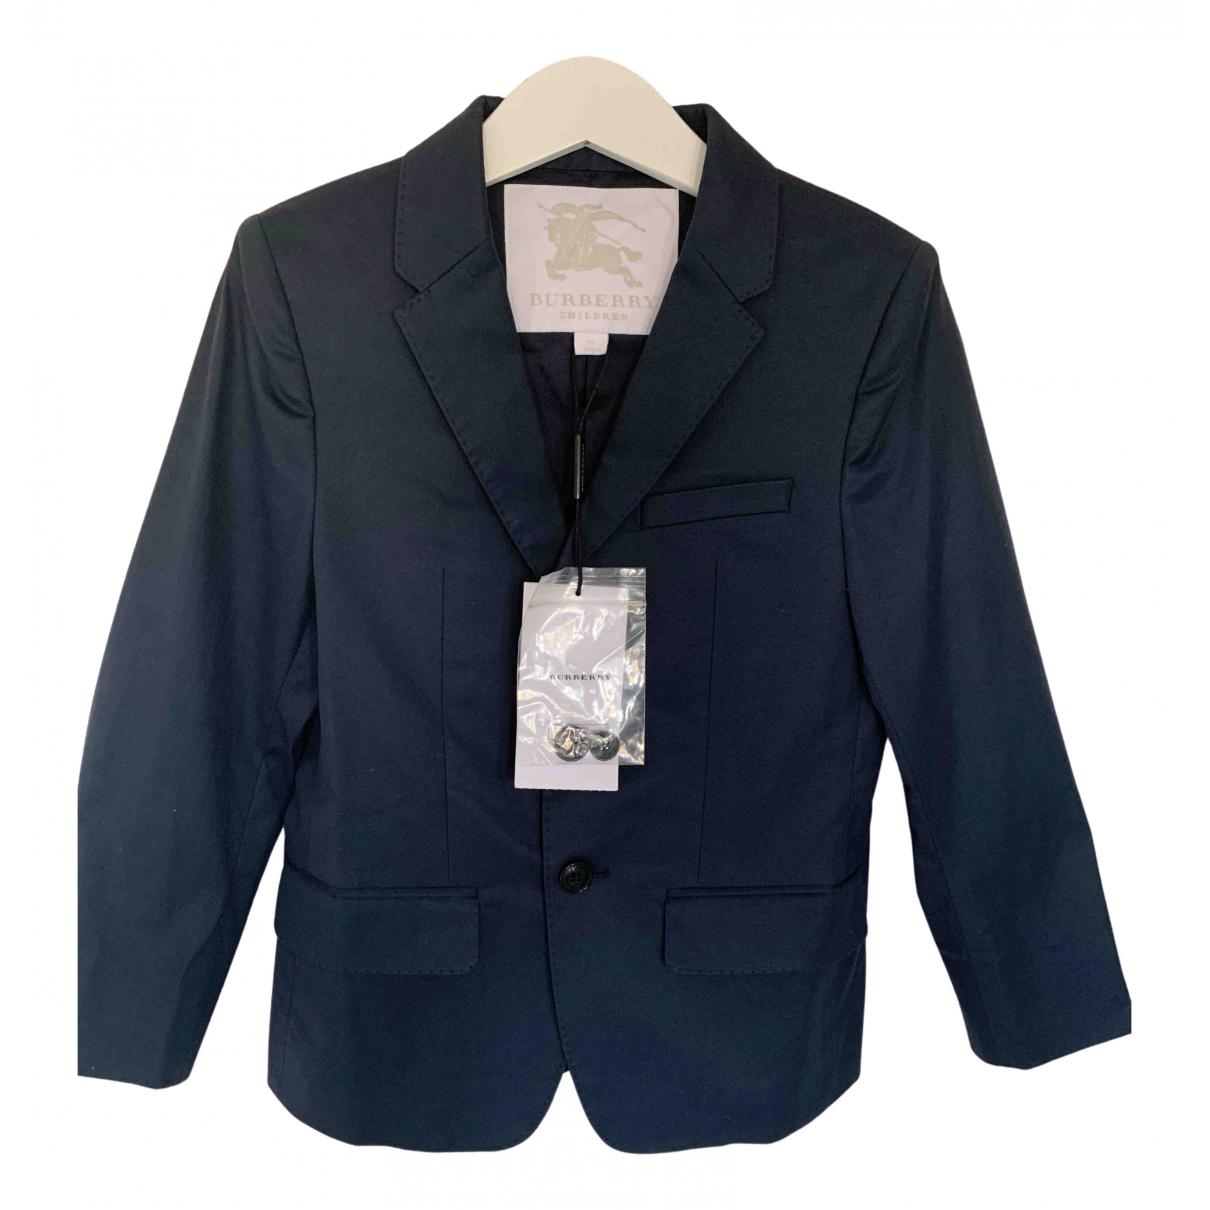 Burberry - Blousons.Manteaux   pour enfant en coton - marine